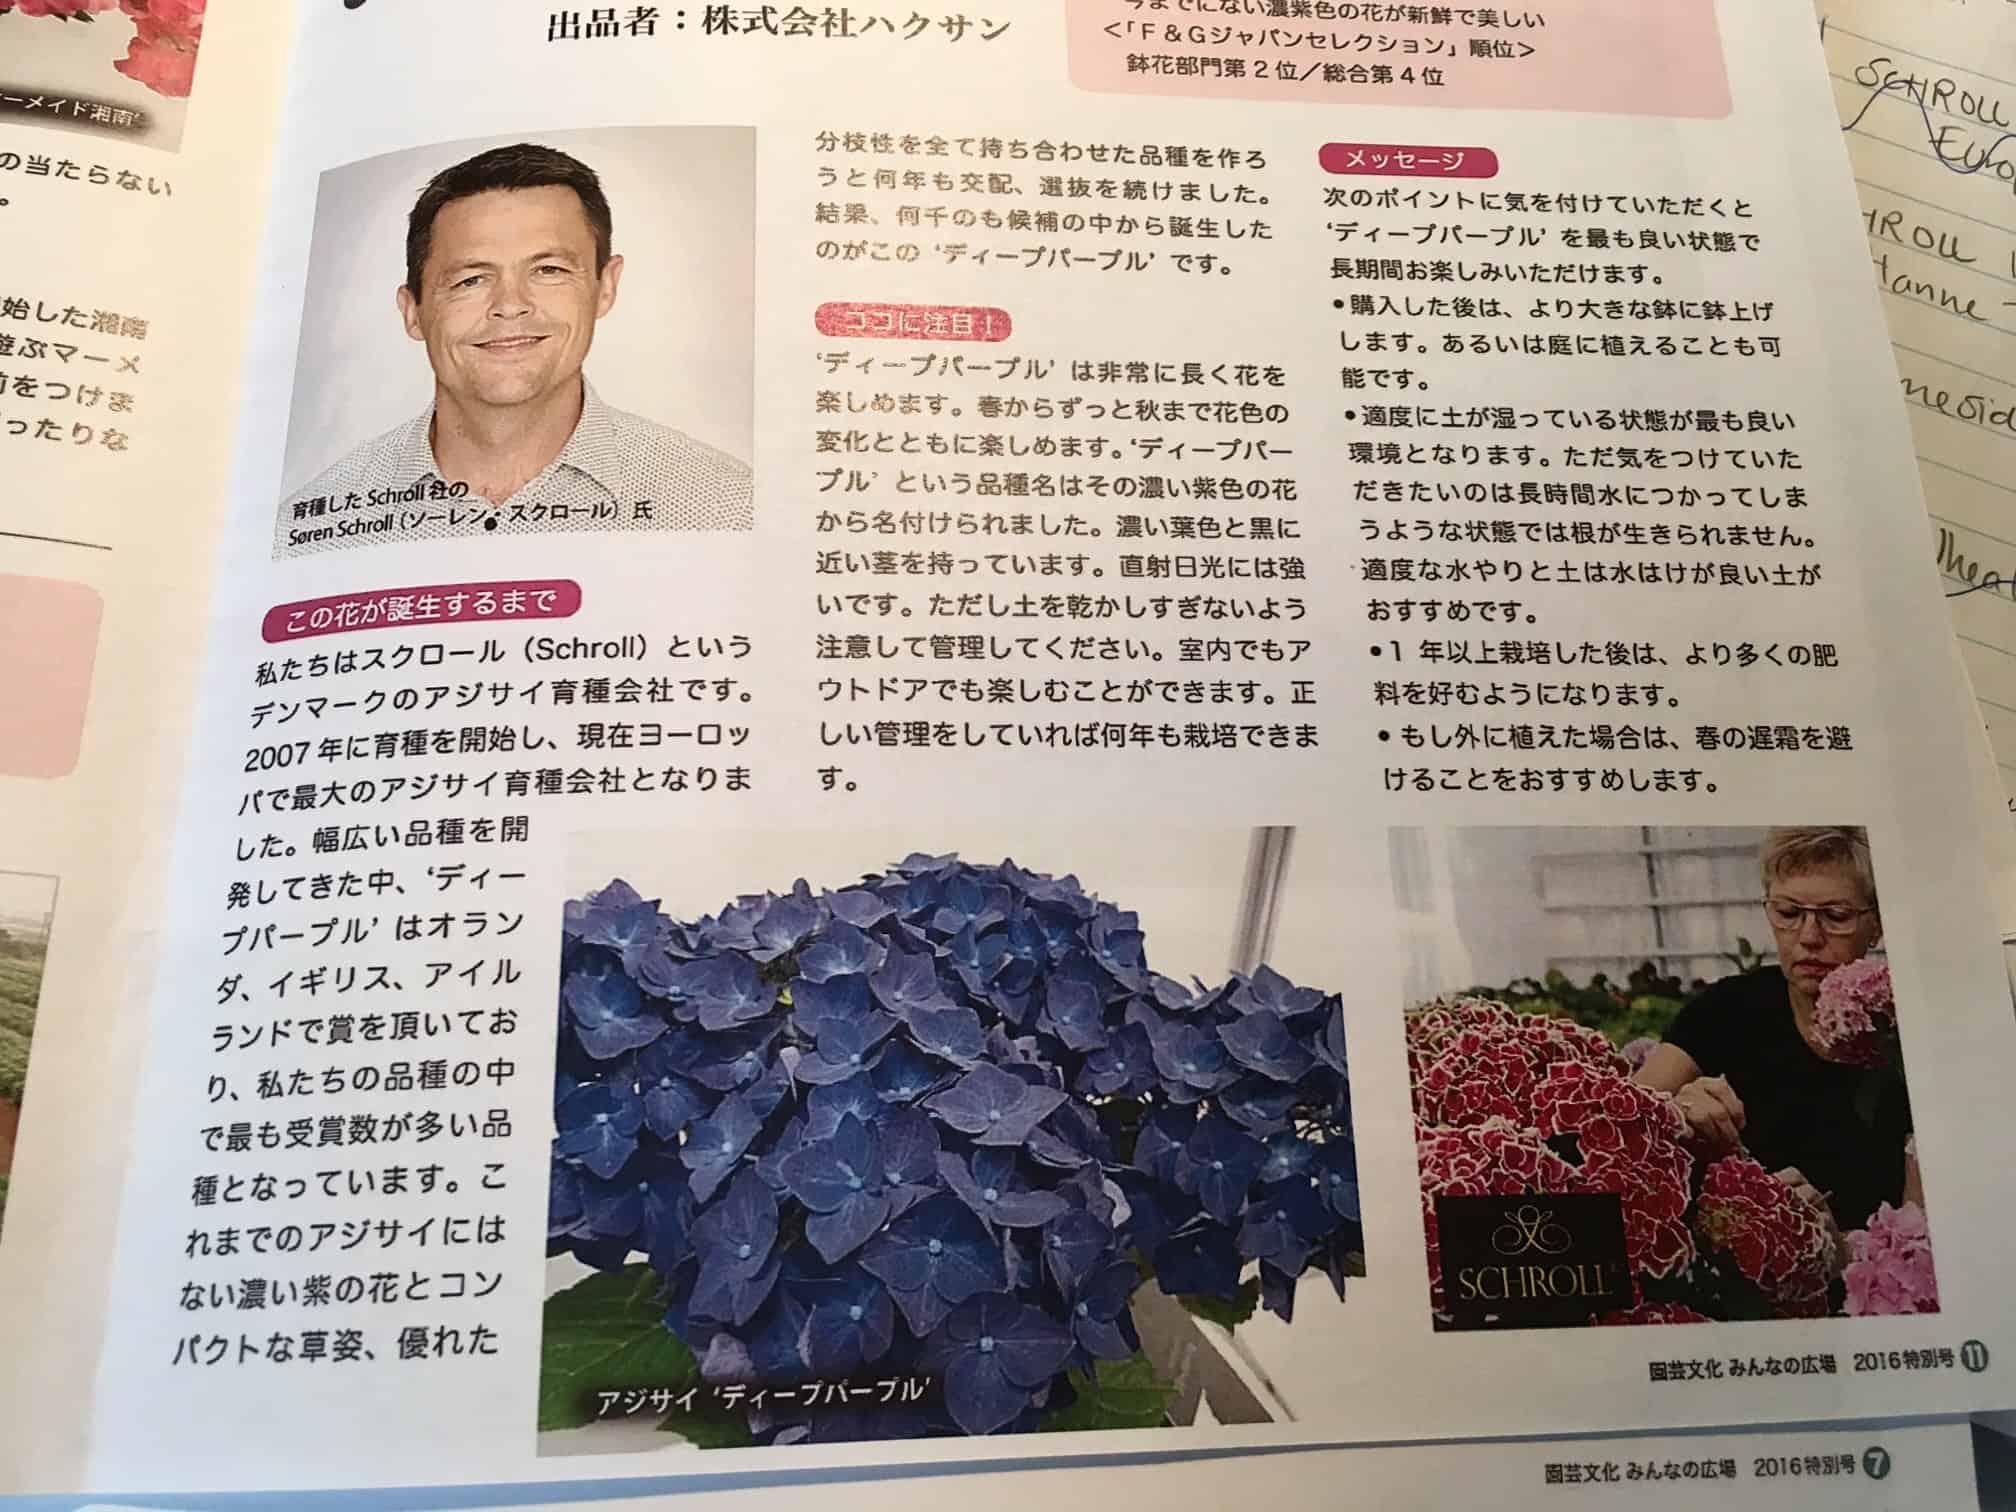 En side paa japansk om Schroll Flowers